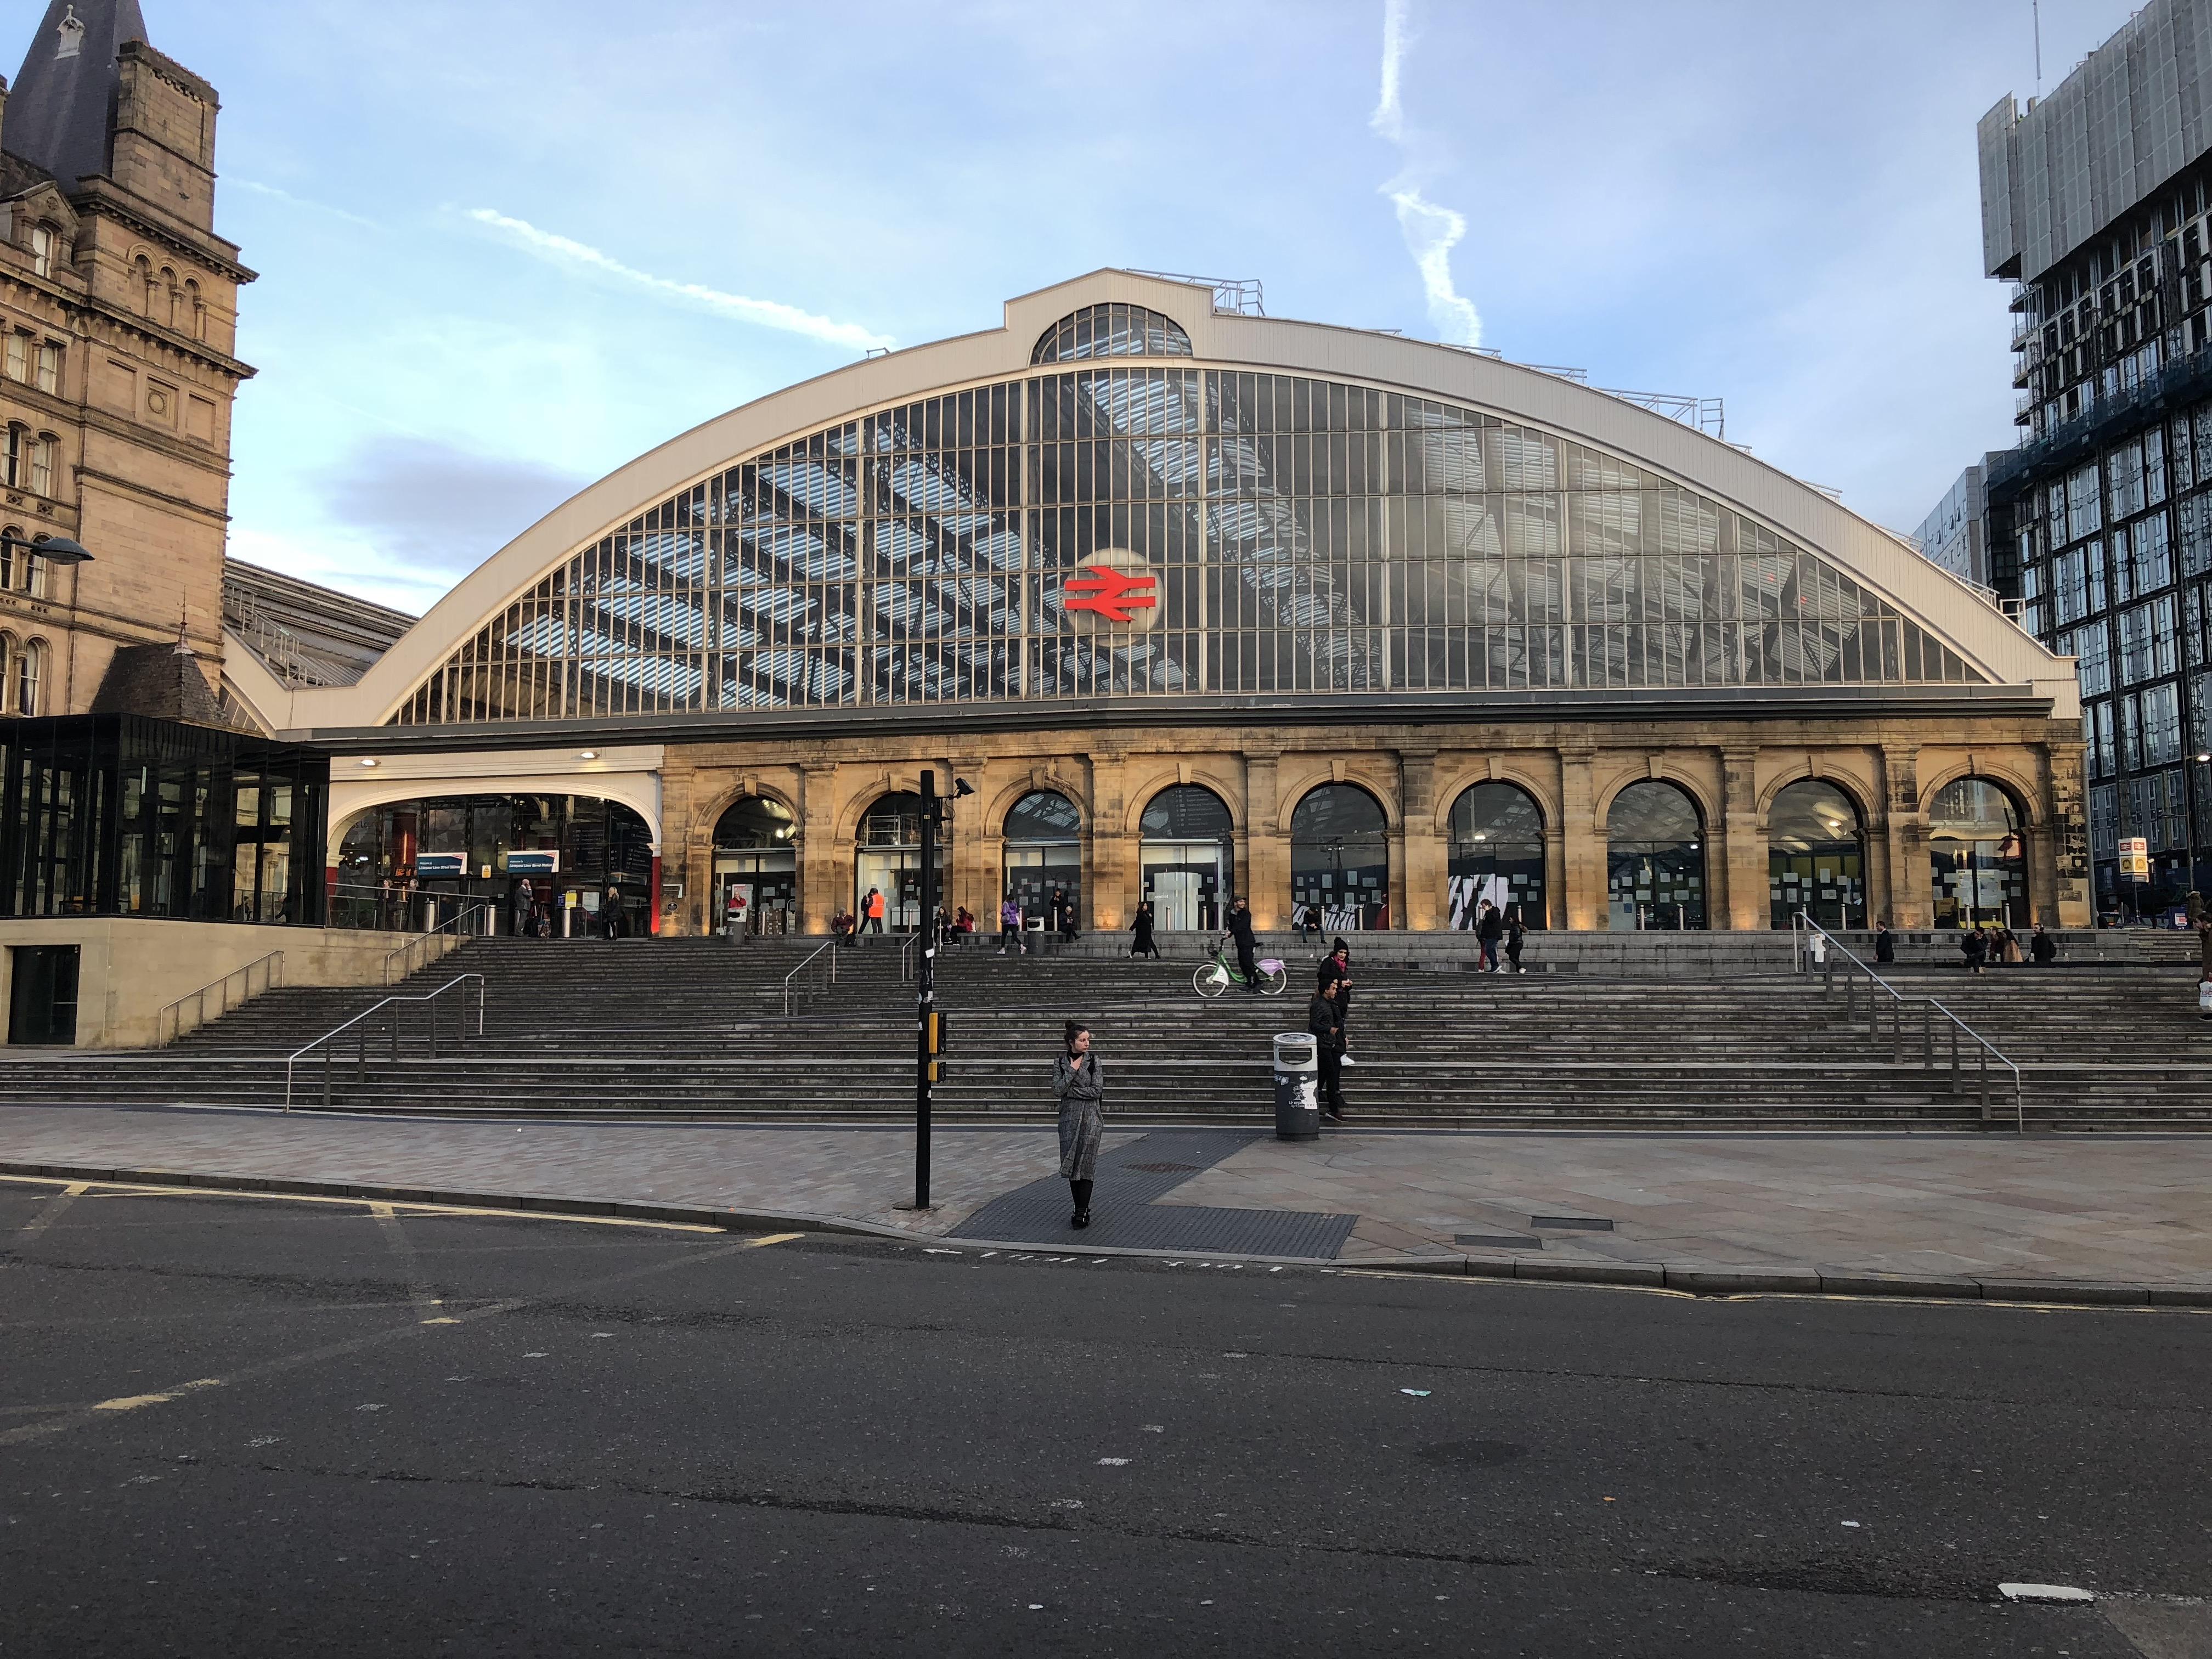 リバプールライムストリート駅